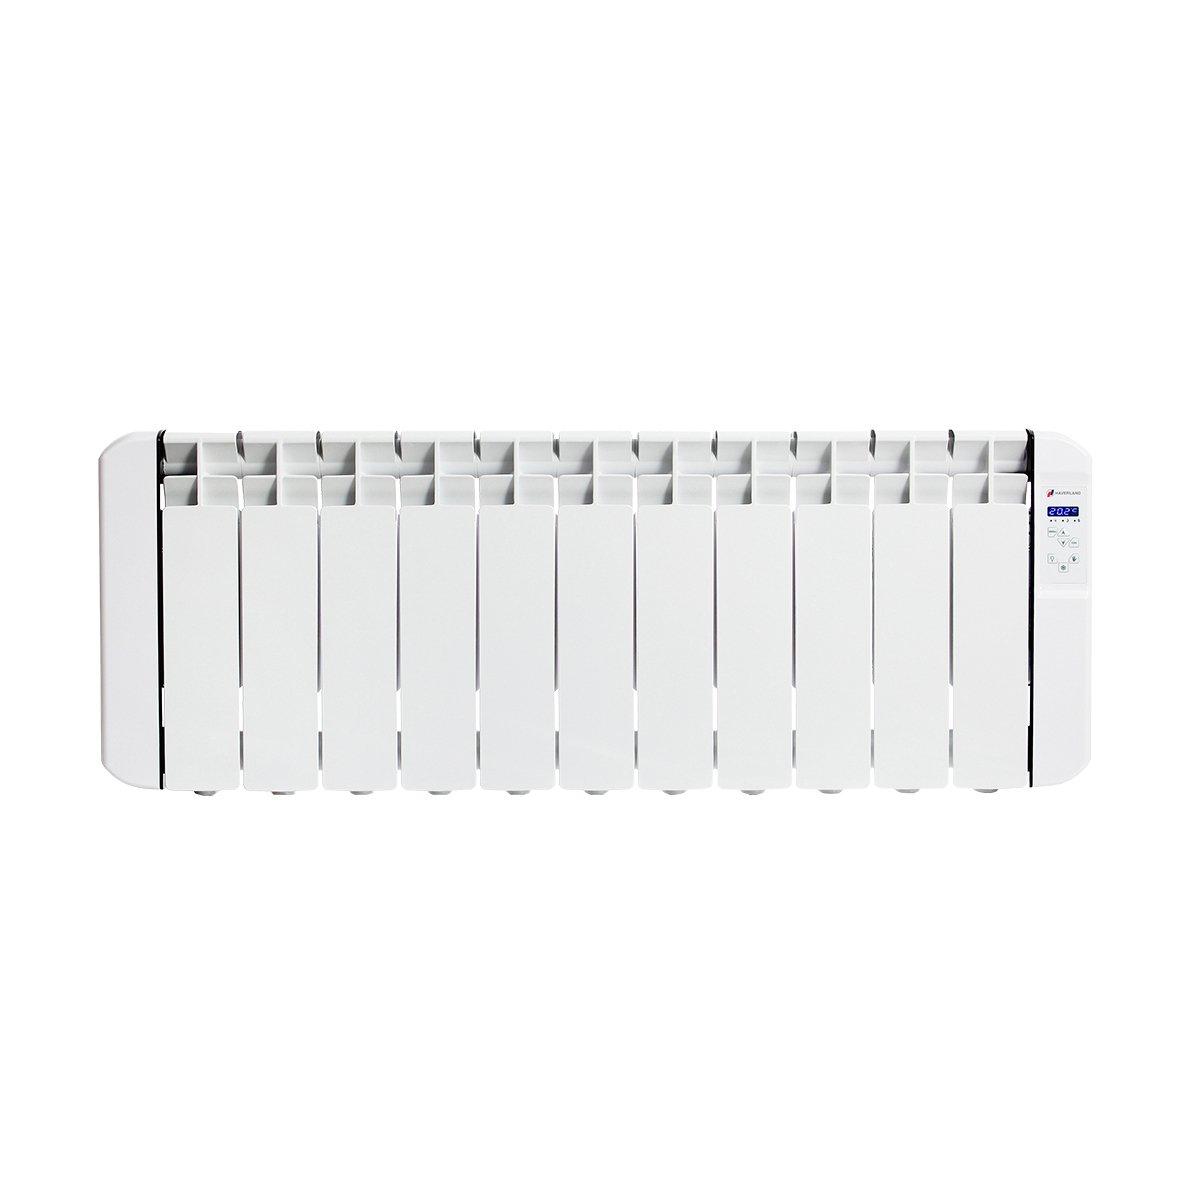 HAVERLAND RC11BL Emisor Térmico De Fluido Bajo Consumo, 1250W de Potencia, 11 Elementos, Programable, Ideal Espacios Reducidos, 1250 W, Blanco: Amazon.es: ...